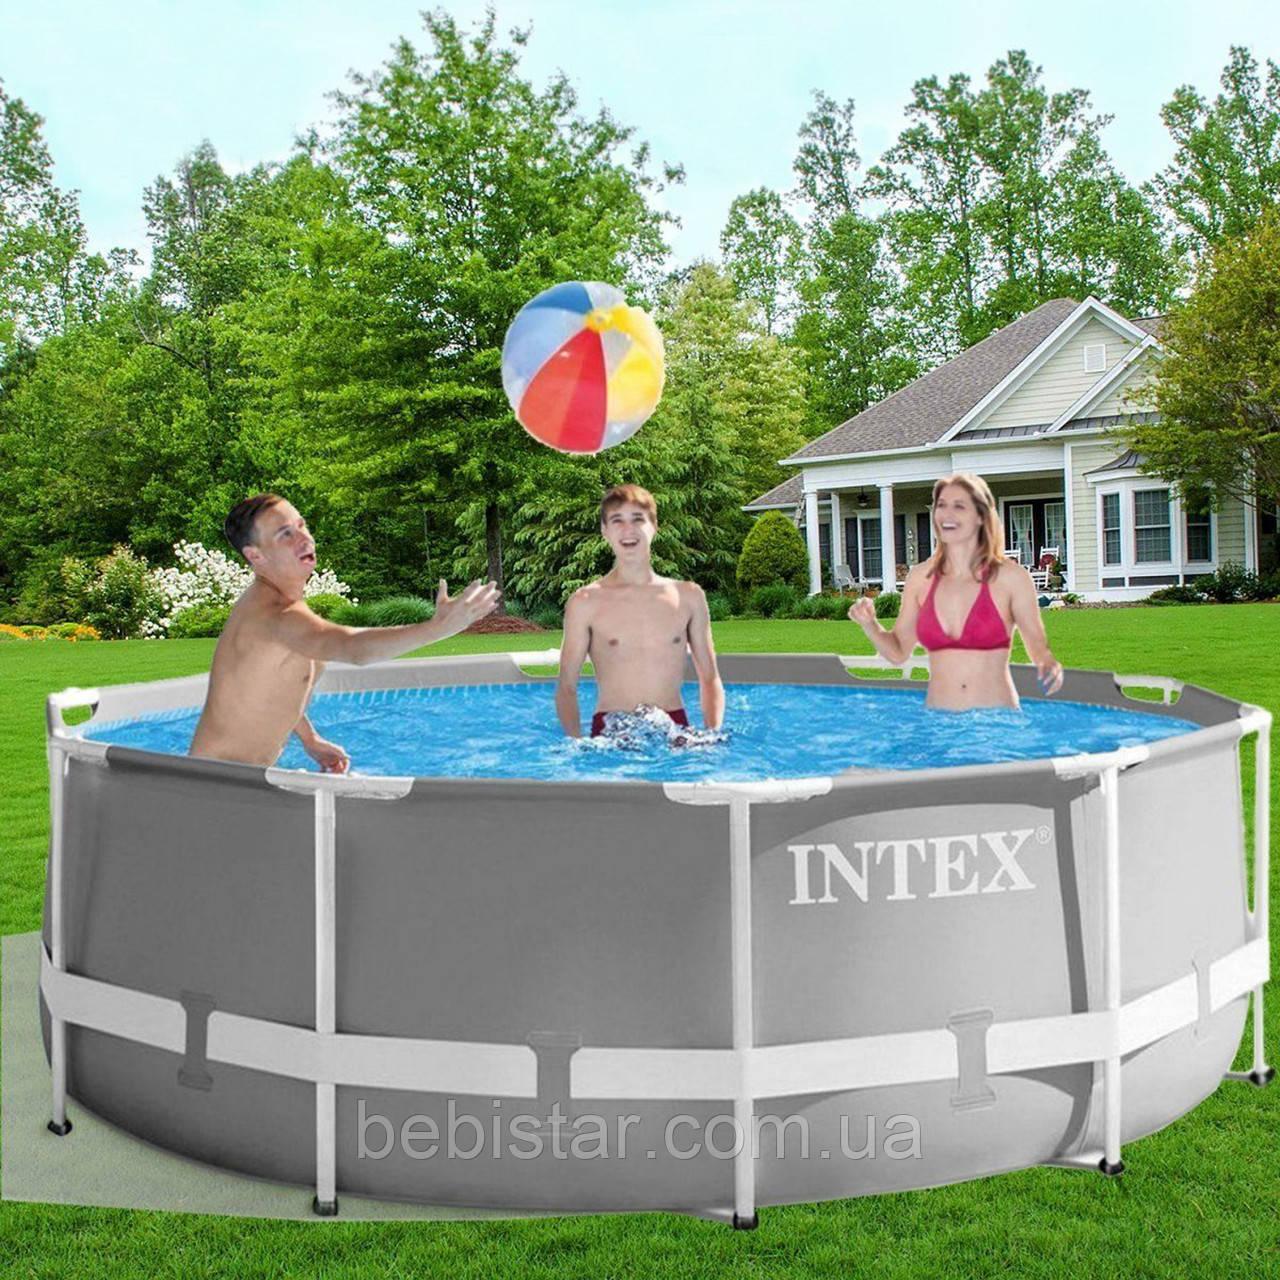 Каркасный круглый бассейн INTEX (26706) с фильтр-насосом, лестницей диаметр 305 см, высота 99 см